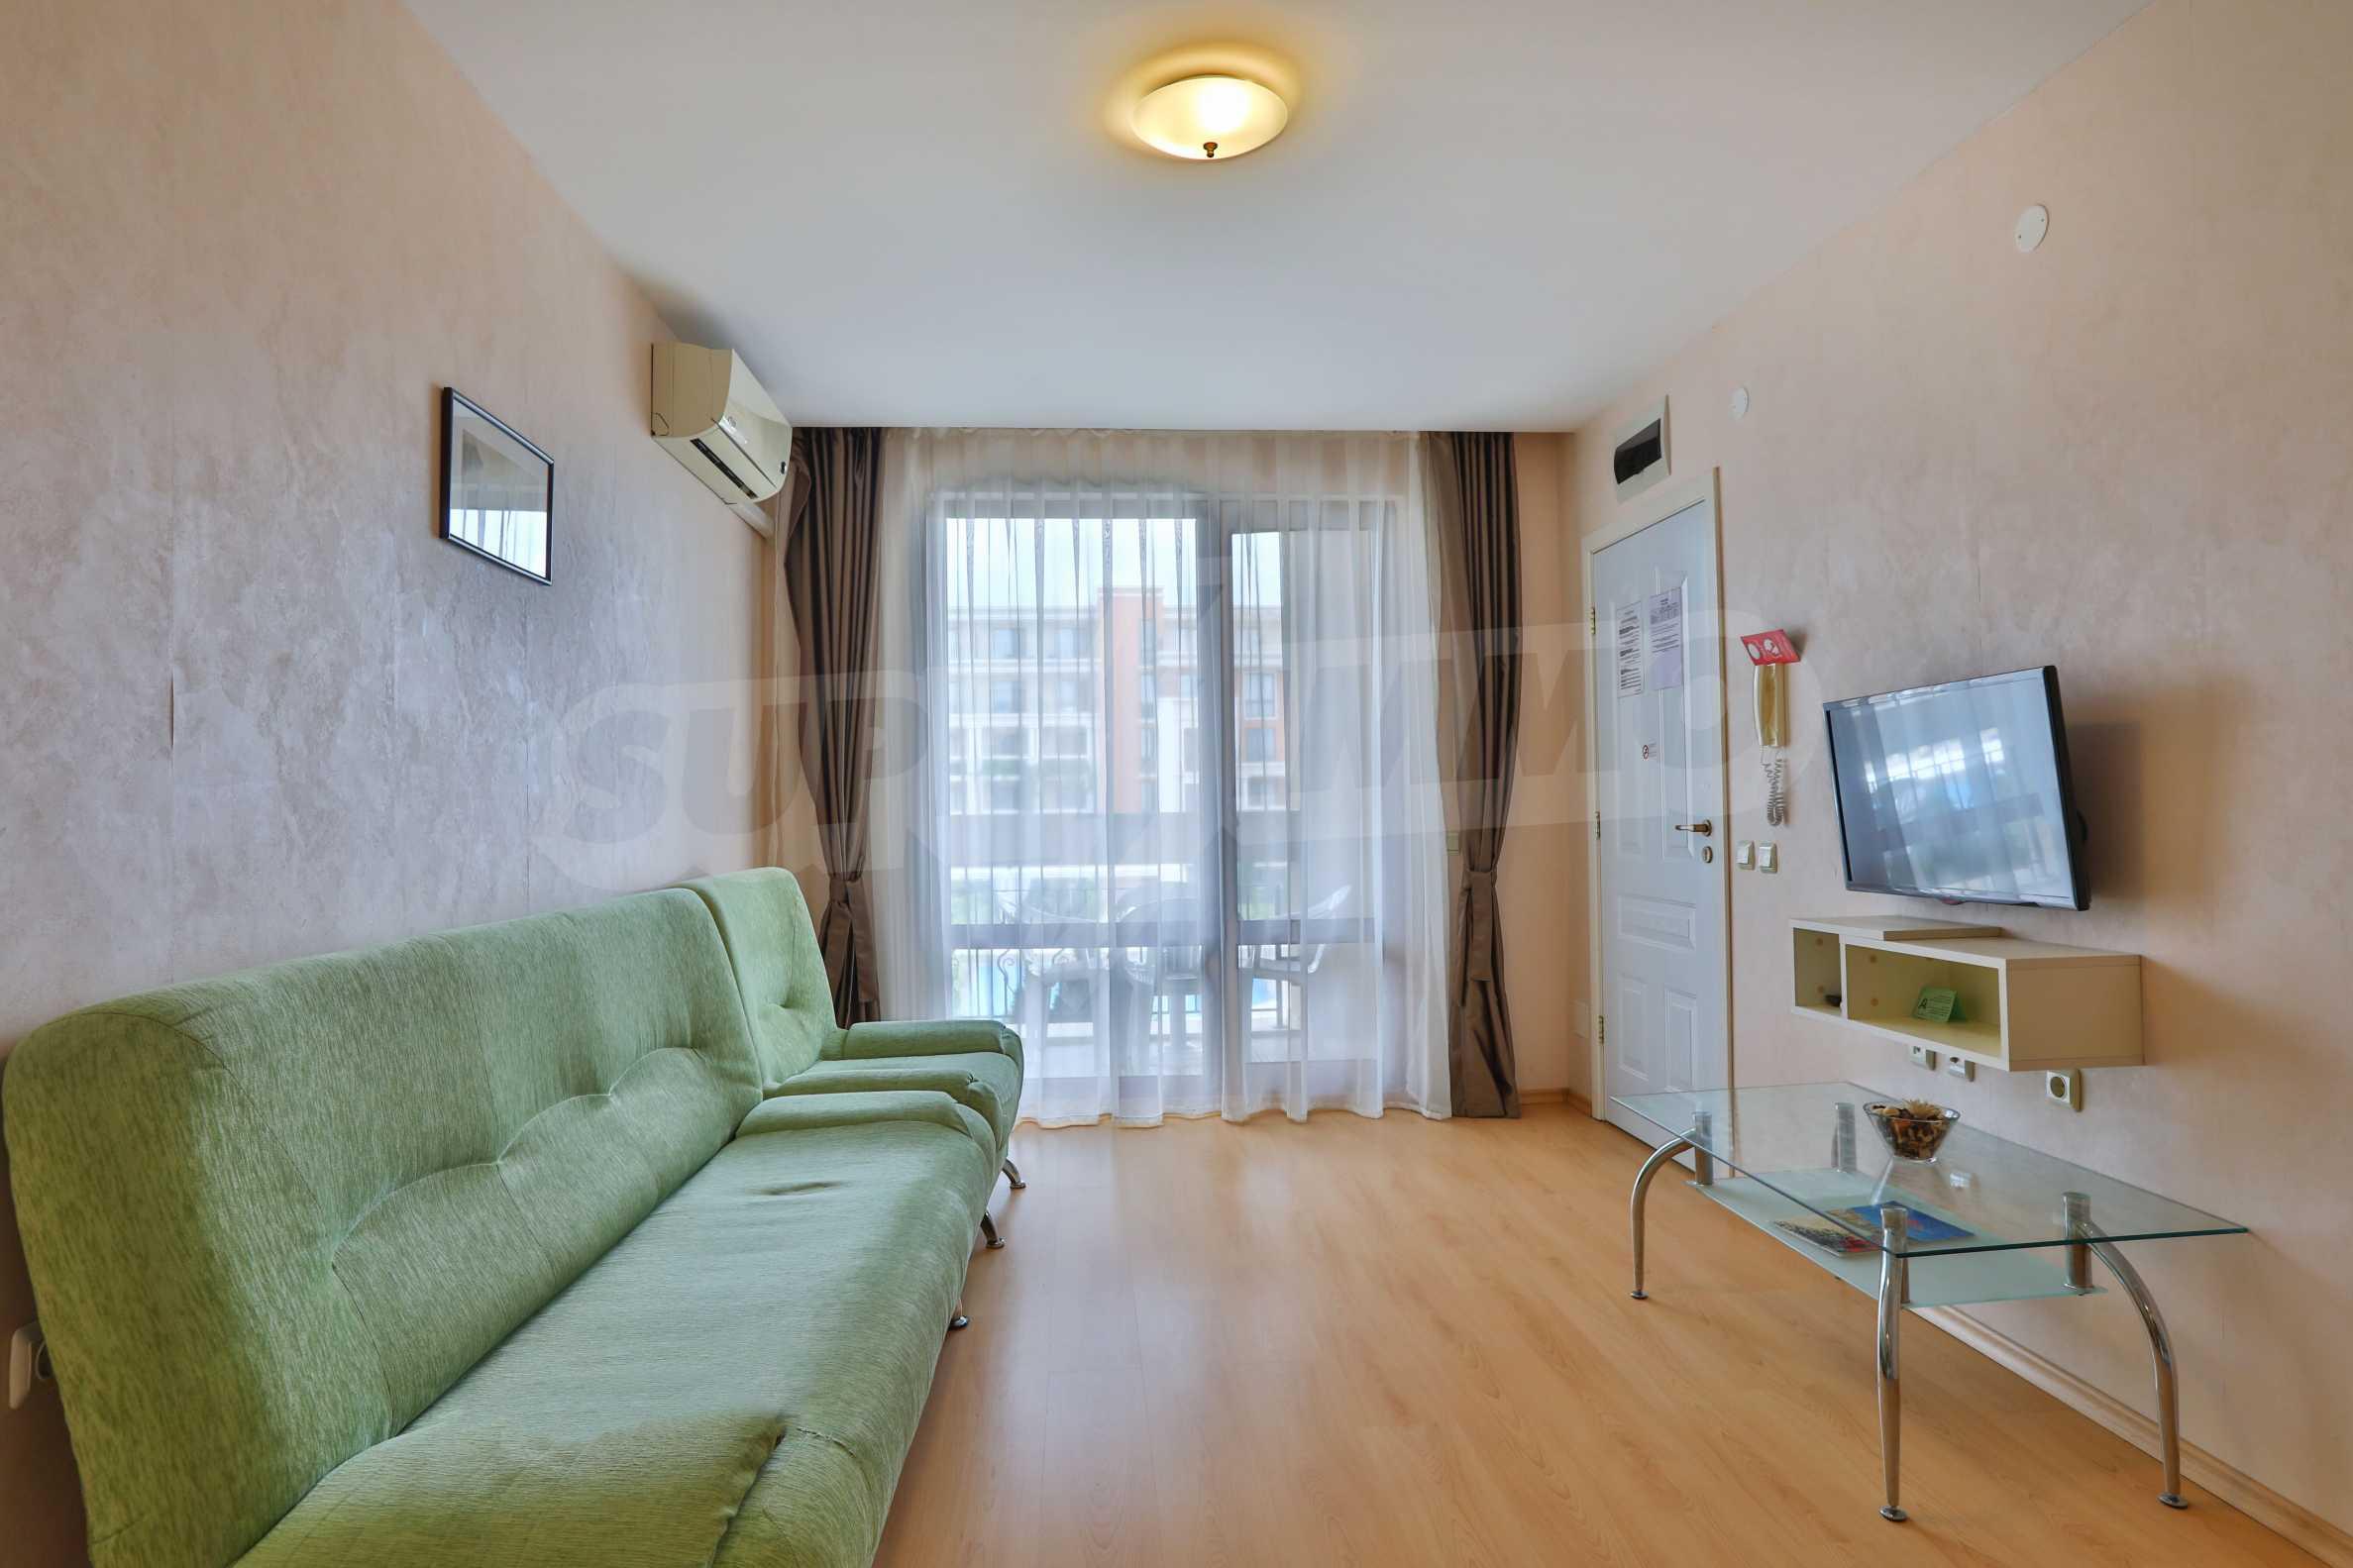 Двустаен апартамент в елитен комплекс на първа линия море 6